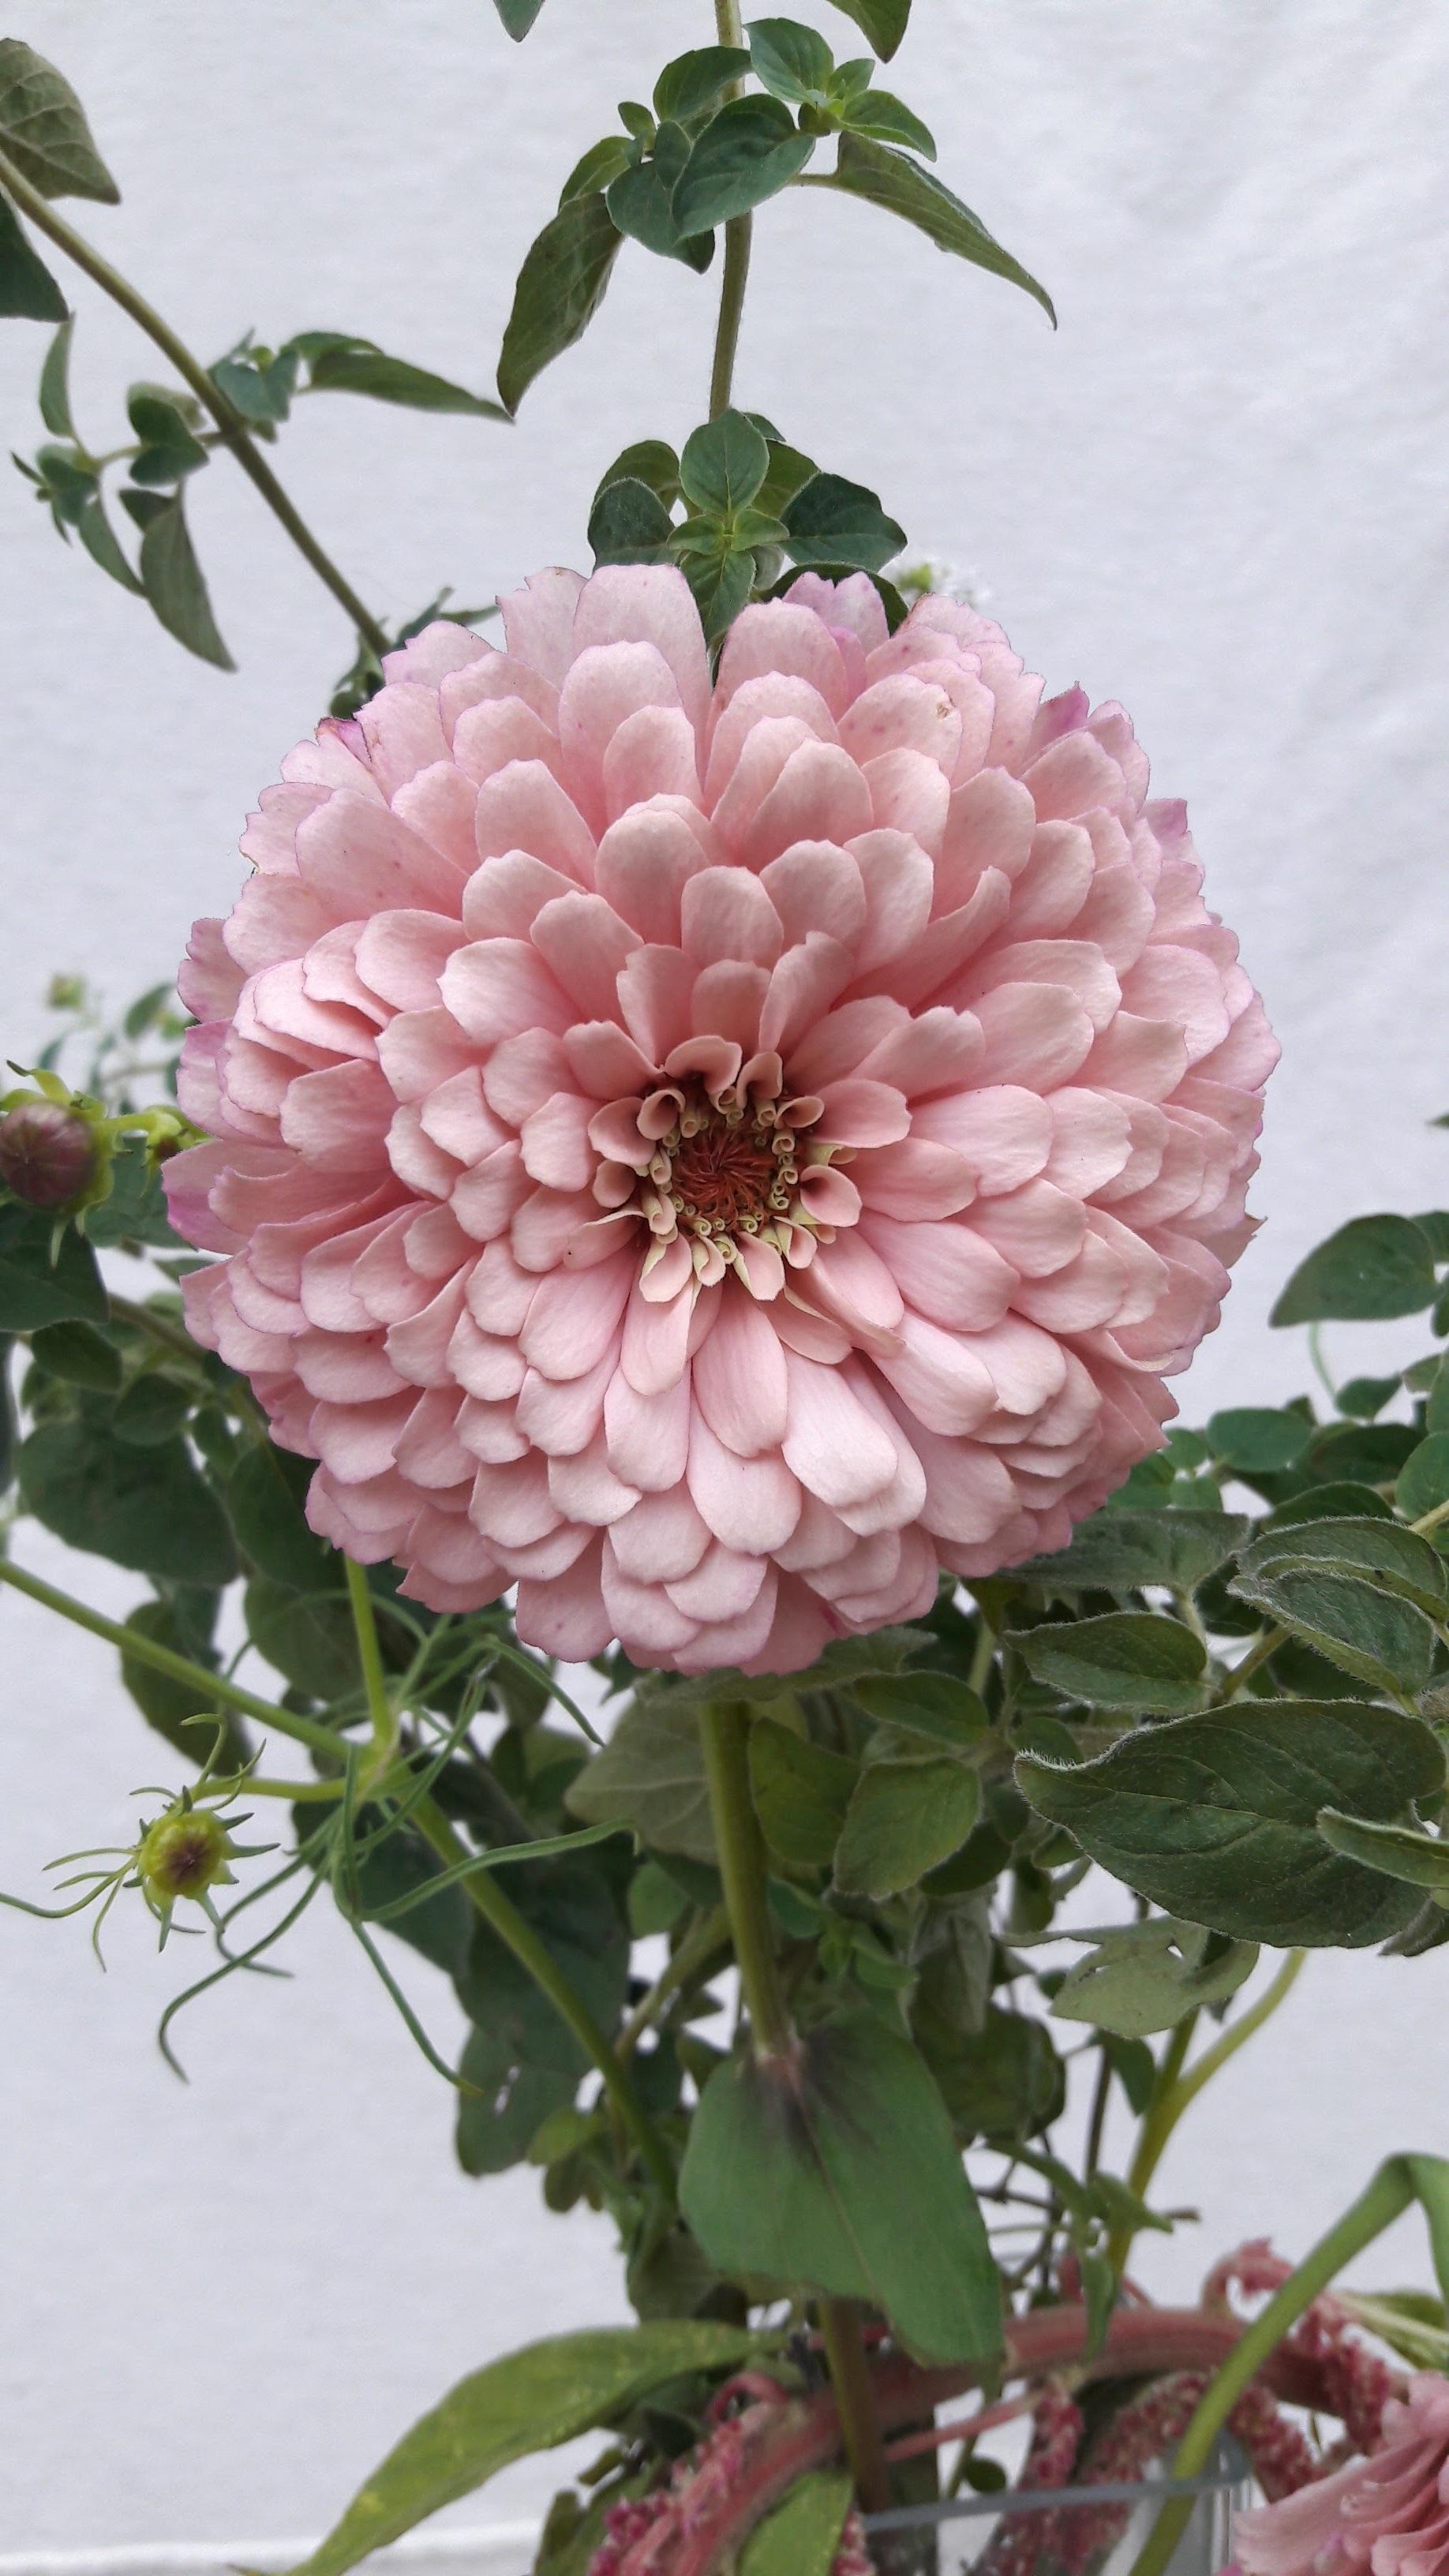 Immagini belle fiore petalo estate botanica rosa - Dalia pianta ...